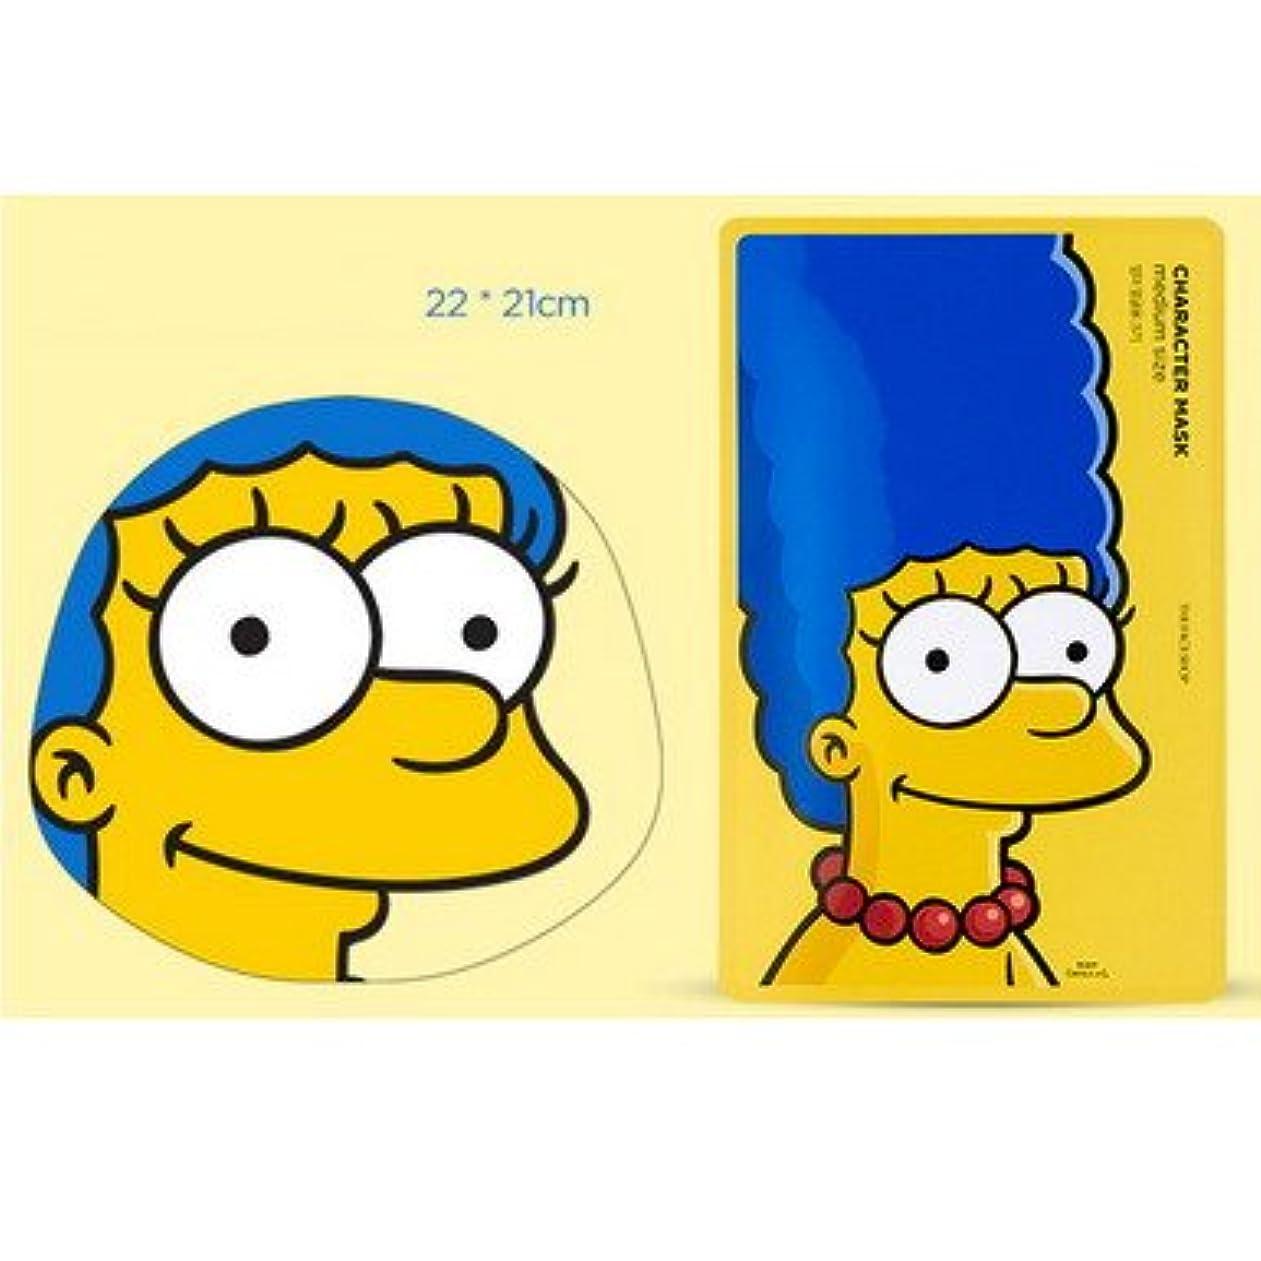 異なるアクセスできないマザーランド【The Face Shop (ザ?フェイスショップ)】 The Simpsons ザ?シンプソンズ キャラクターマスク 25g (3種類選択1) (マージ (ザクロ)) [並行輸入品]